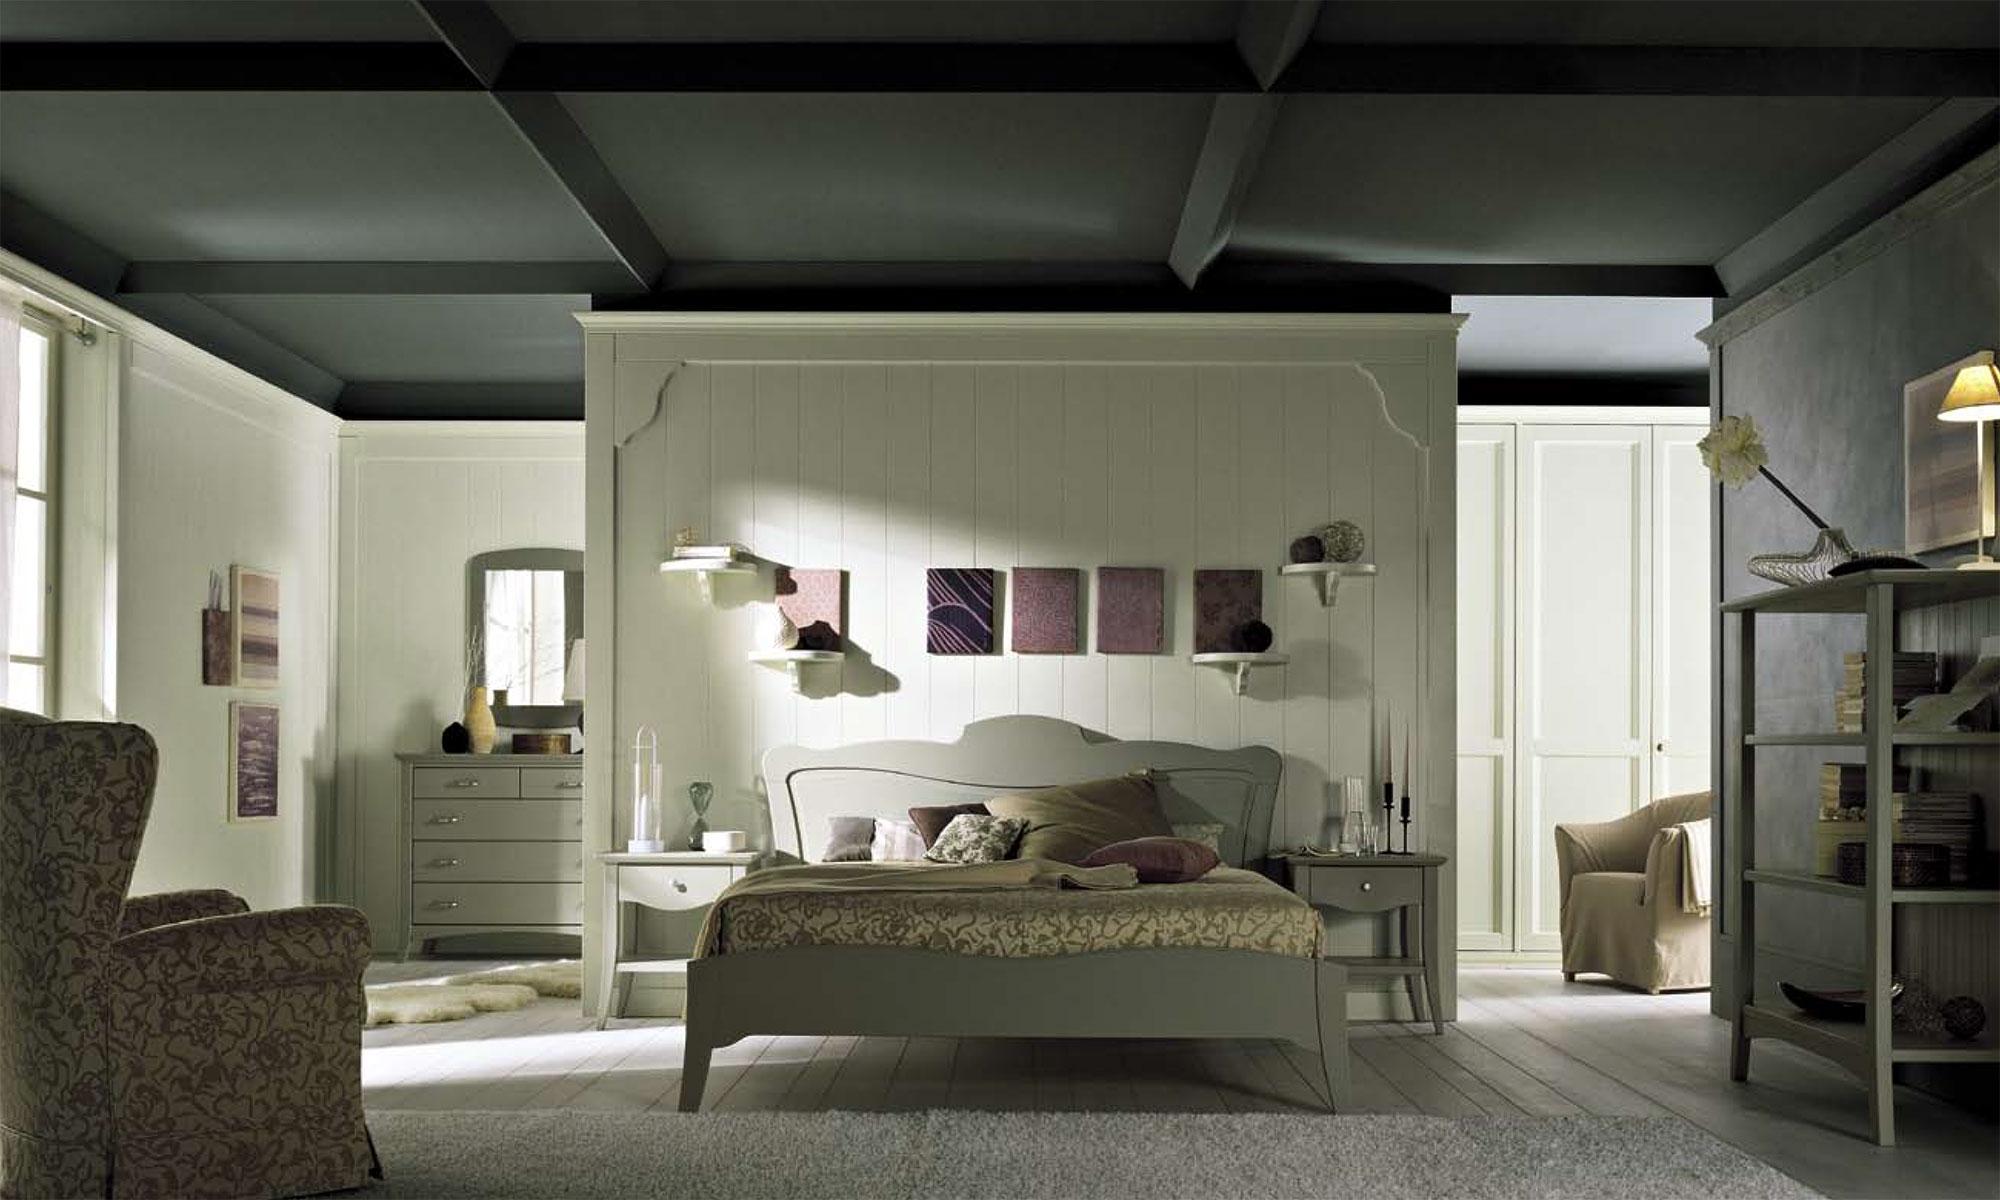 Camere da letto moderne della collezione notturno olto - Arredamenti camere da letto ...